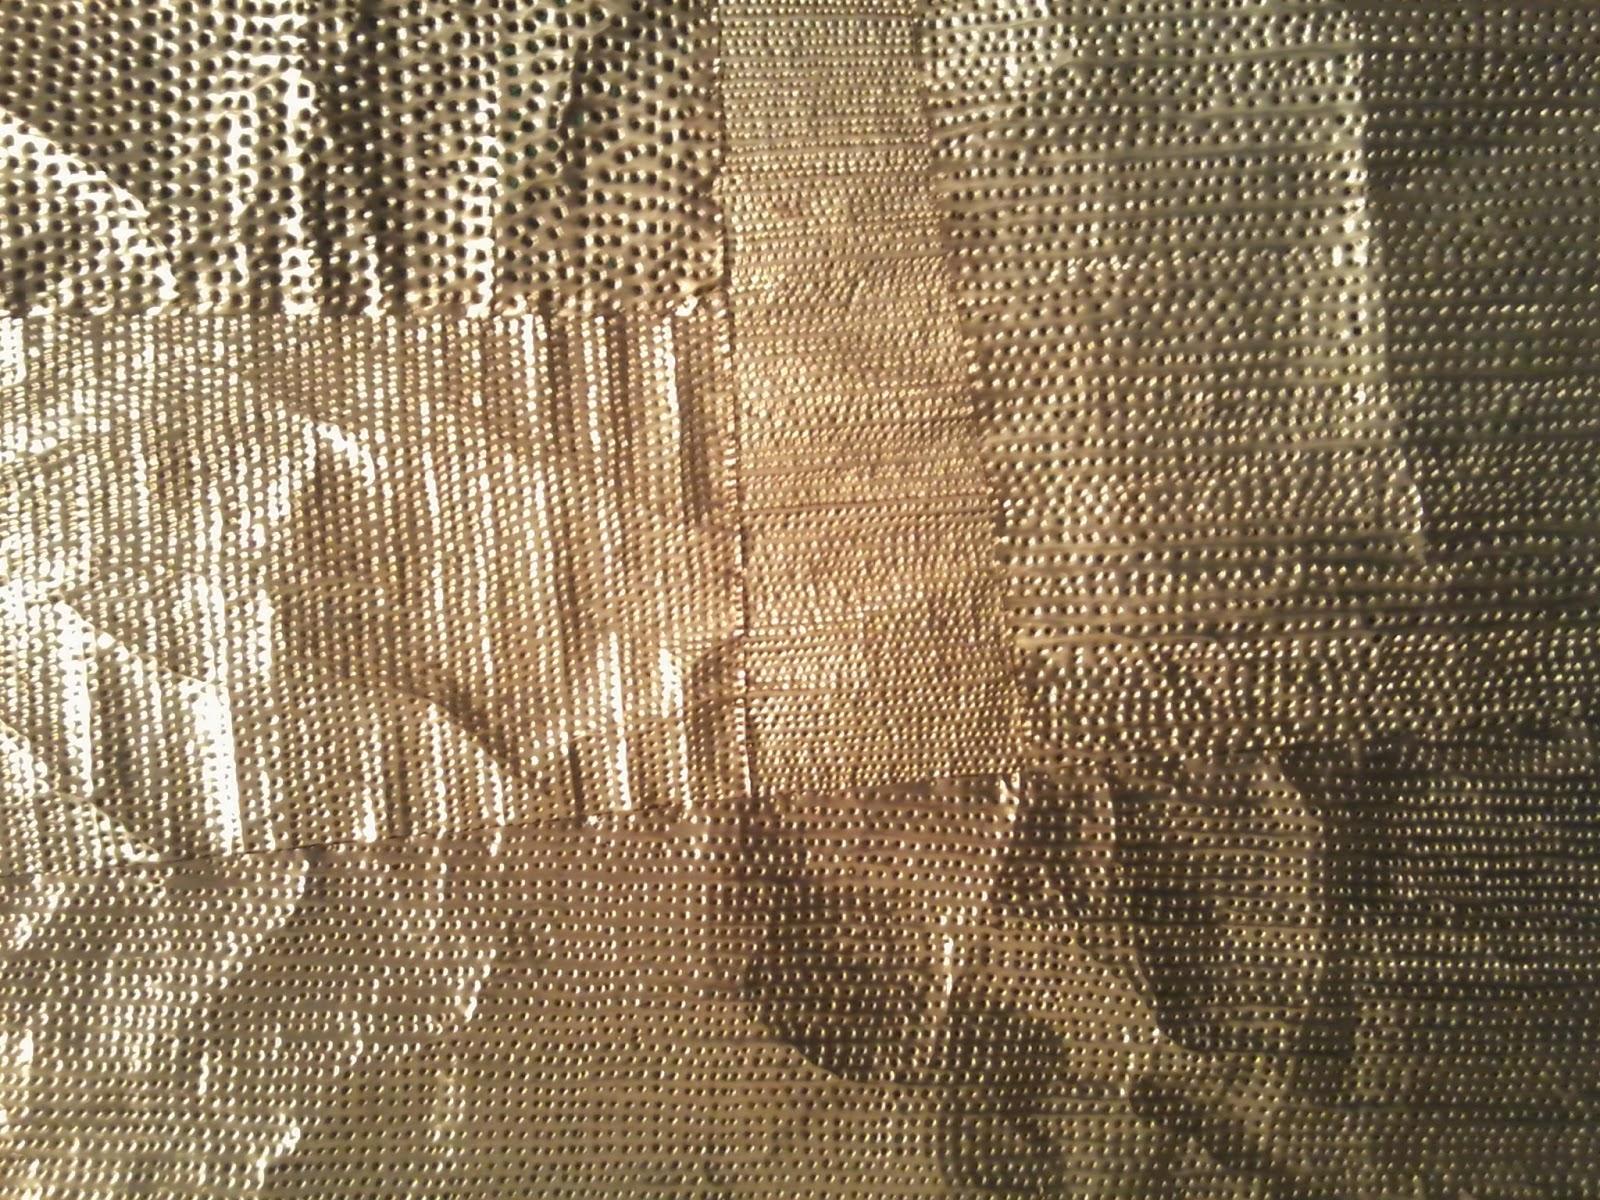 Mathias Goeritz, El retorno de la serpiente, Museo Reina Sofía, Exposición temporal, Blog de arte, Voa-Gallery, Yvonne Brochard, Arte mejicano, Escultura, Arte monumental, Serpiente, Arquitectura emocional, Oro, Pan de oro,